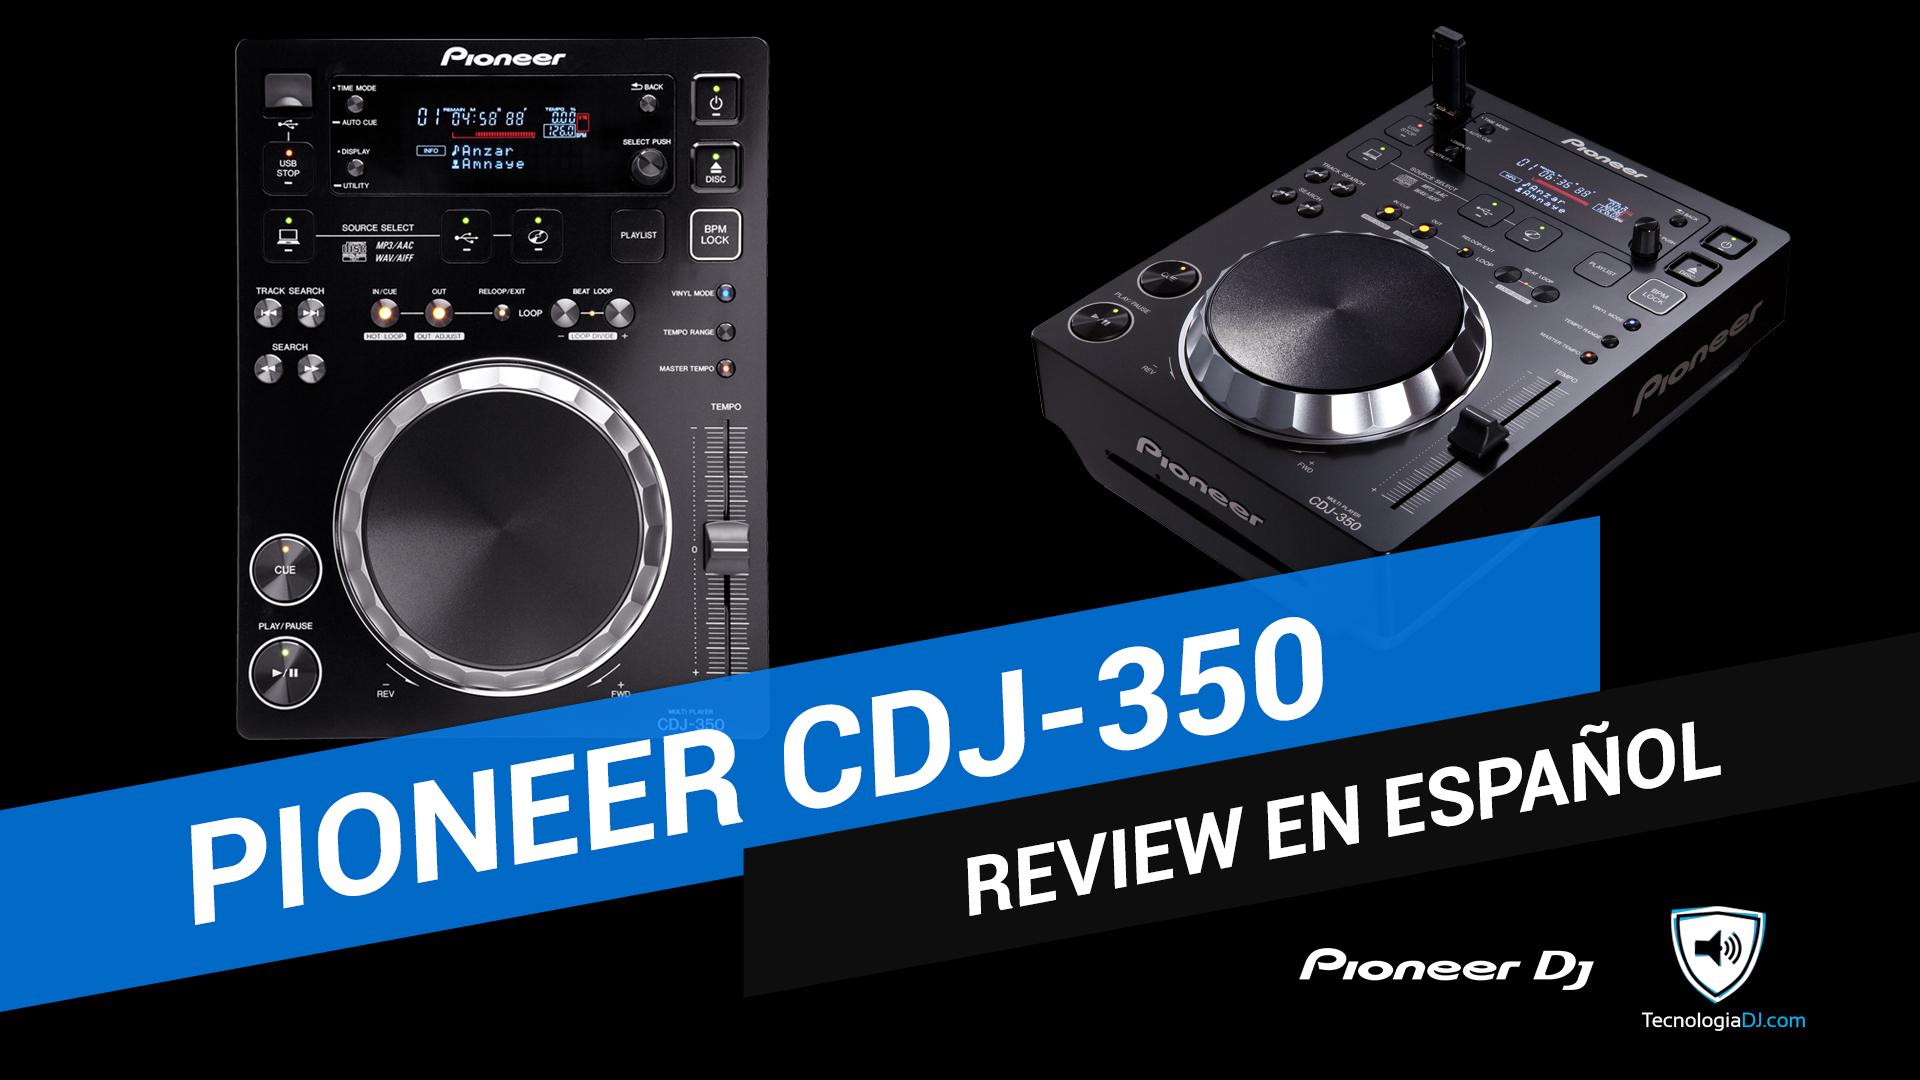 Review en español Pioneer CDJ-350